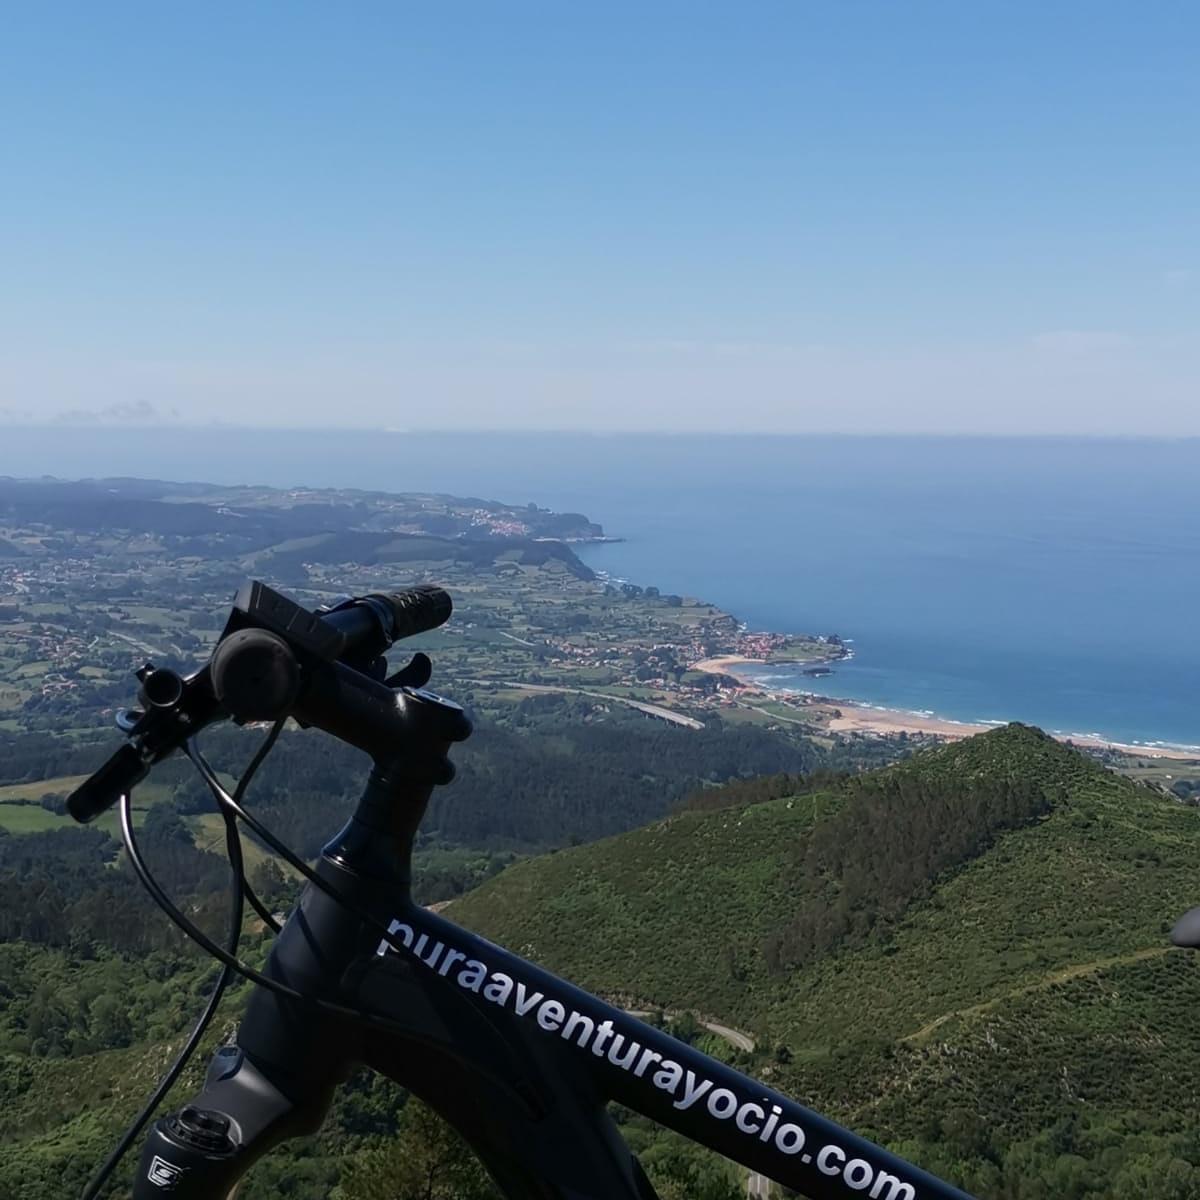 ¿Mar?¿montaña?...pues ambas en la sierra del Sueve. Consultanos sin compromiso o accede a https://t.co/Sw2n0mnyEV #puraaventurayocio #bike #bikeinstagram #piloña #btt #turismoasturias #turismonacional  #ebike #bicielectrica #alquilerdebicicletaselectricas #vistapiloña https://t.co/9HnYs3iHDF